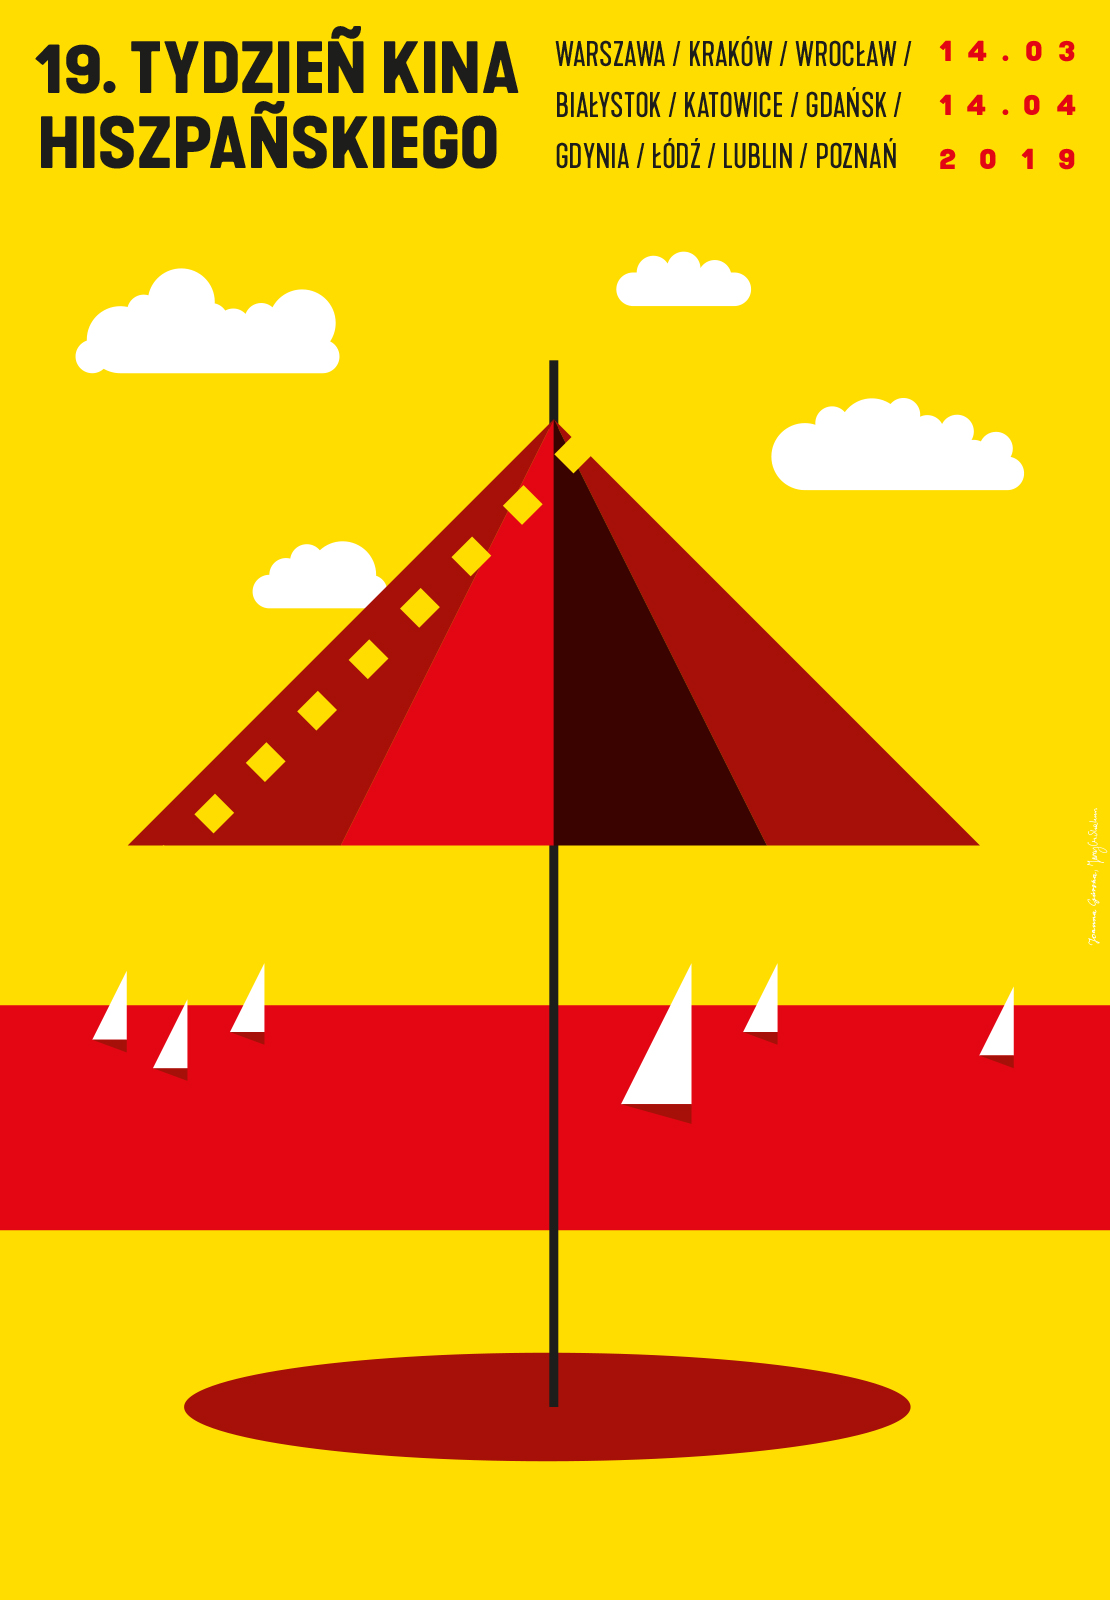 Plakat 19. Tydzień Kina Hiszpańskiego (źródło: materiały prasowe)